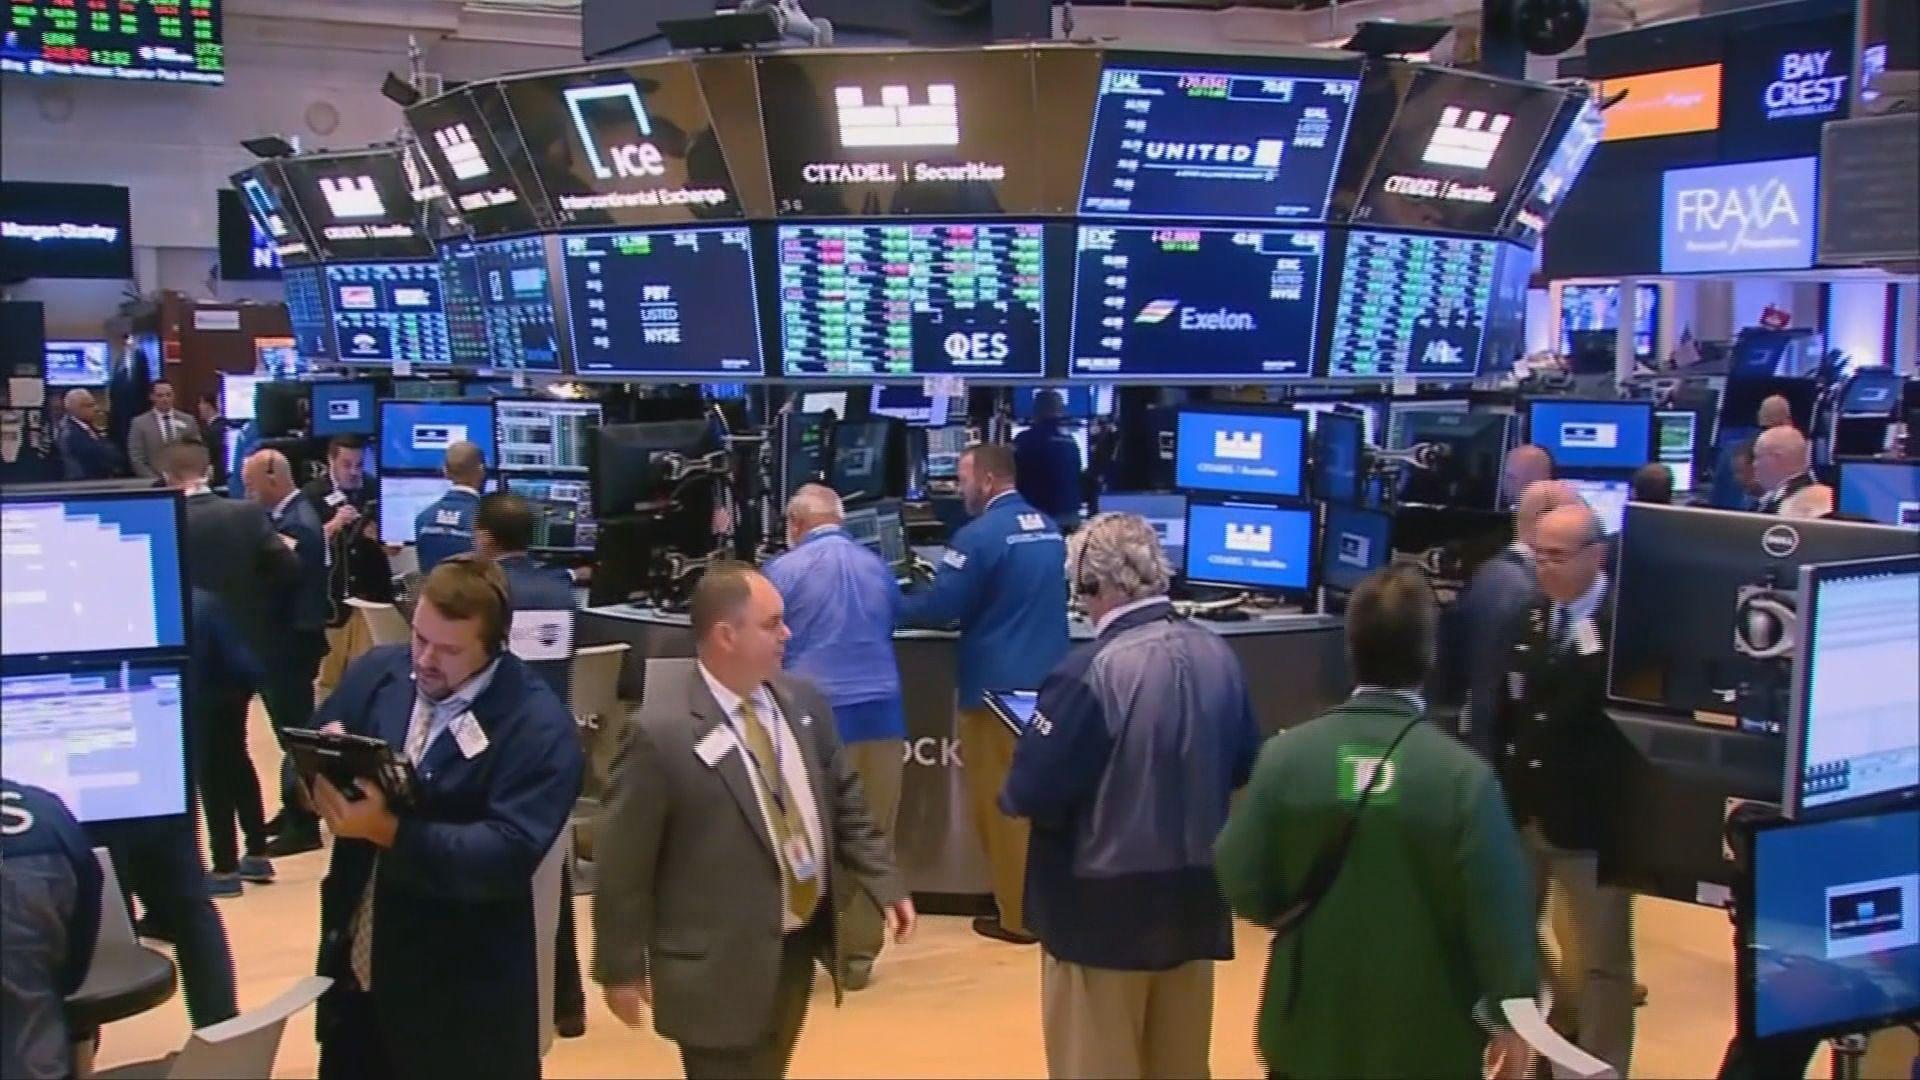 企業業績欠佳和貿易關係緊張 美股下跌